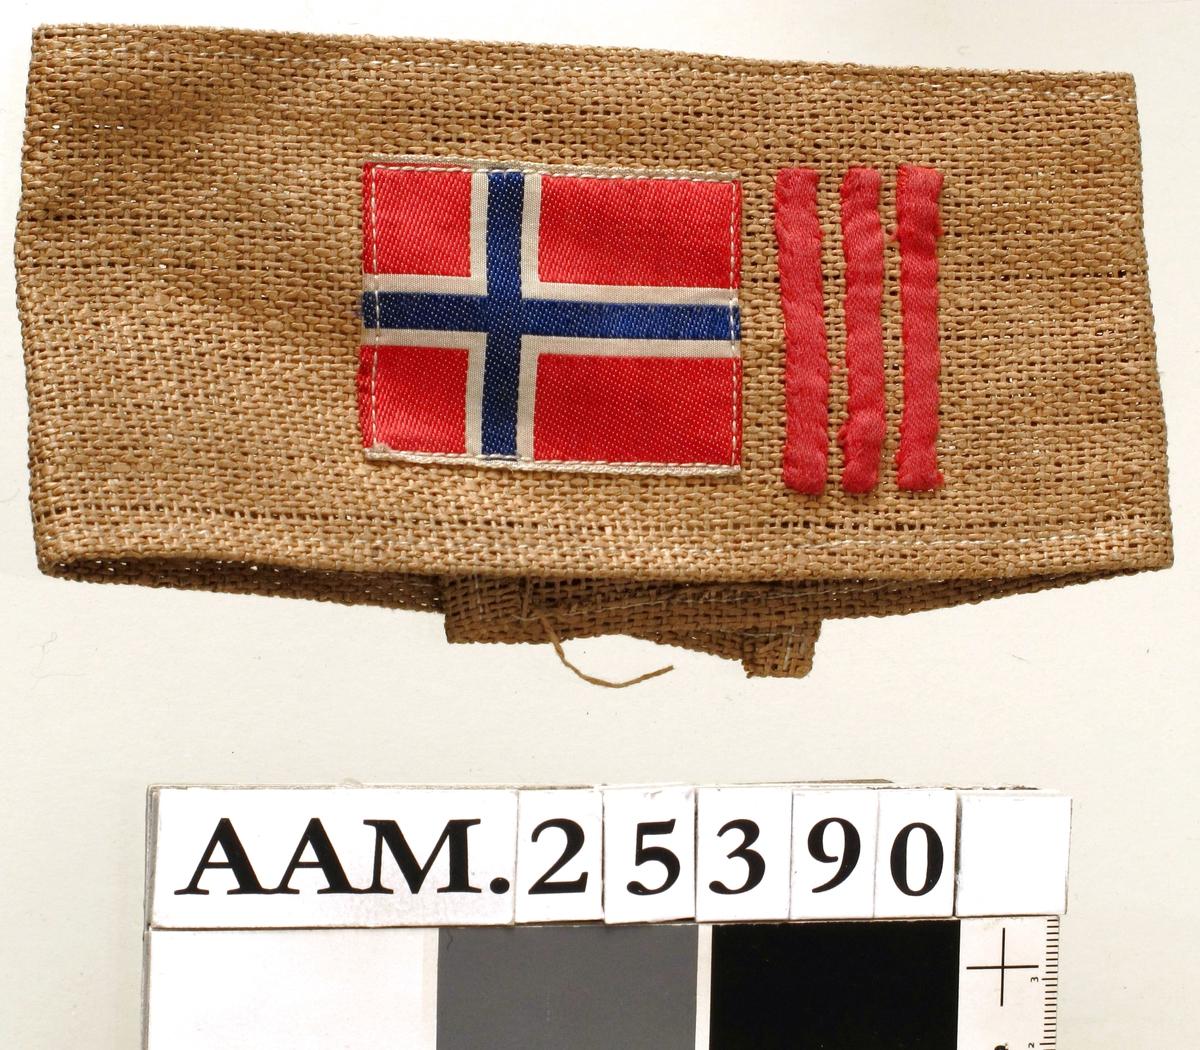 Armbånd m. påsydd norsk flagg og tre røde striper.